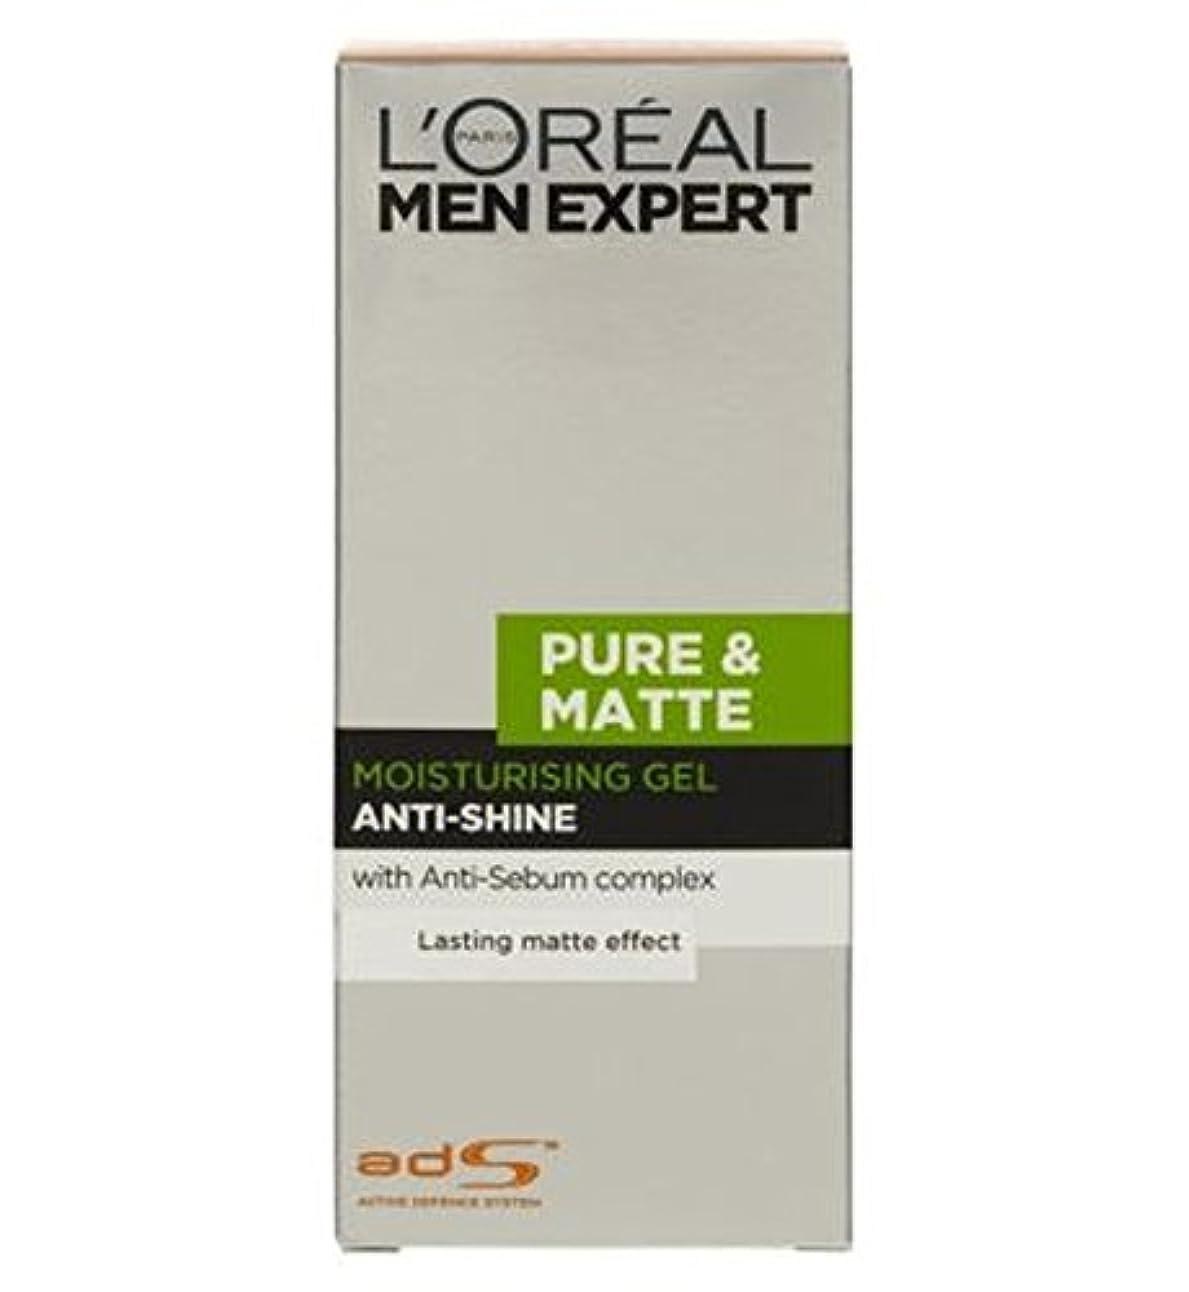 一定緊急精算ロレアルの男性の専門家純粋&マット抗輝き保湿ゲル50ミリリットル (L'Oreal) (x2) - L'Oreal Men Expert Pure & Matte Anti-Shine Moisturising Gel...